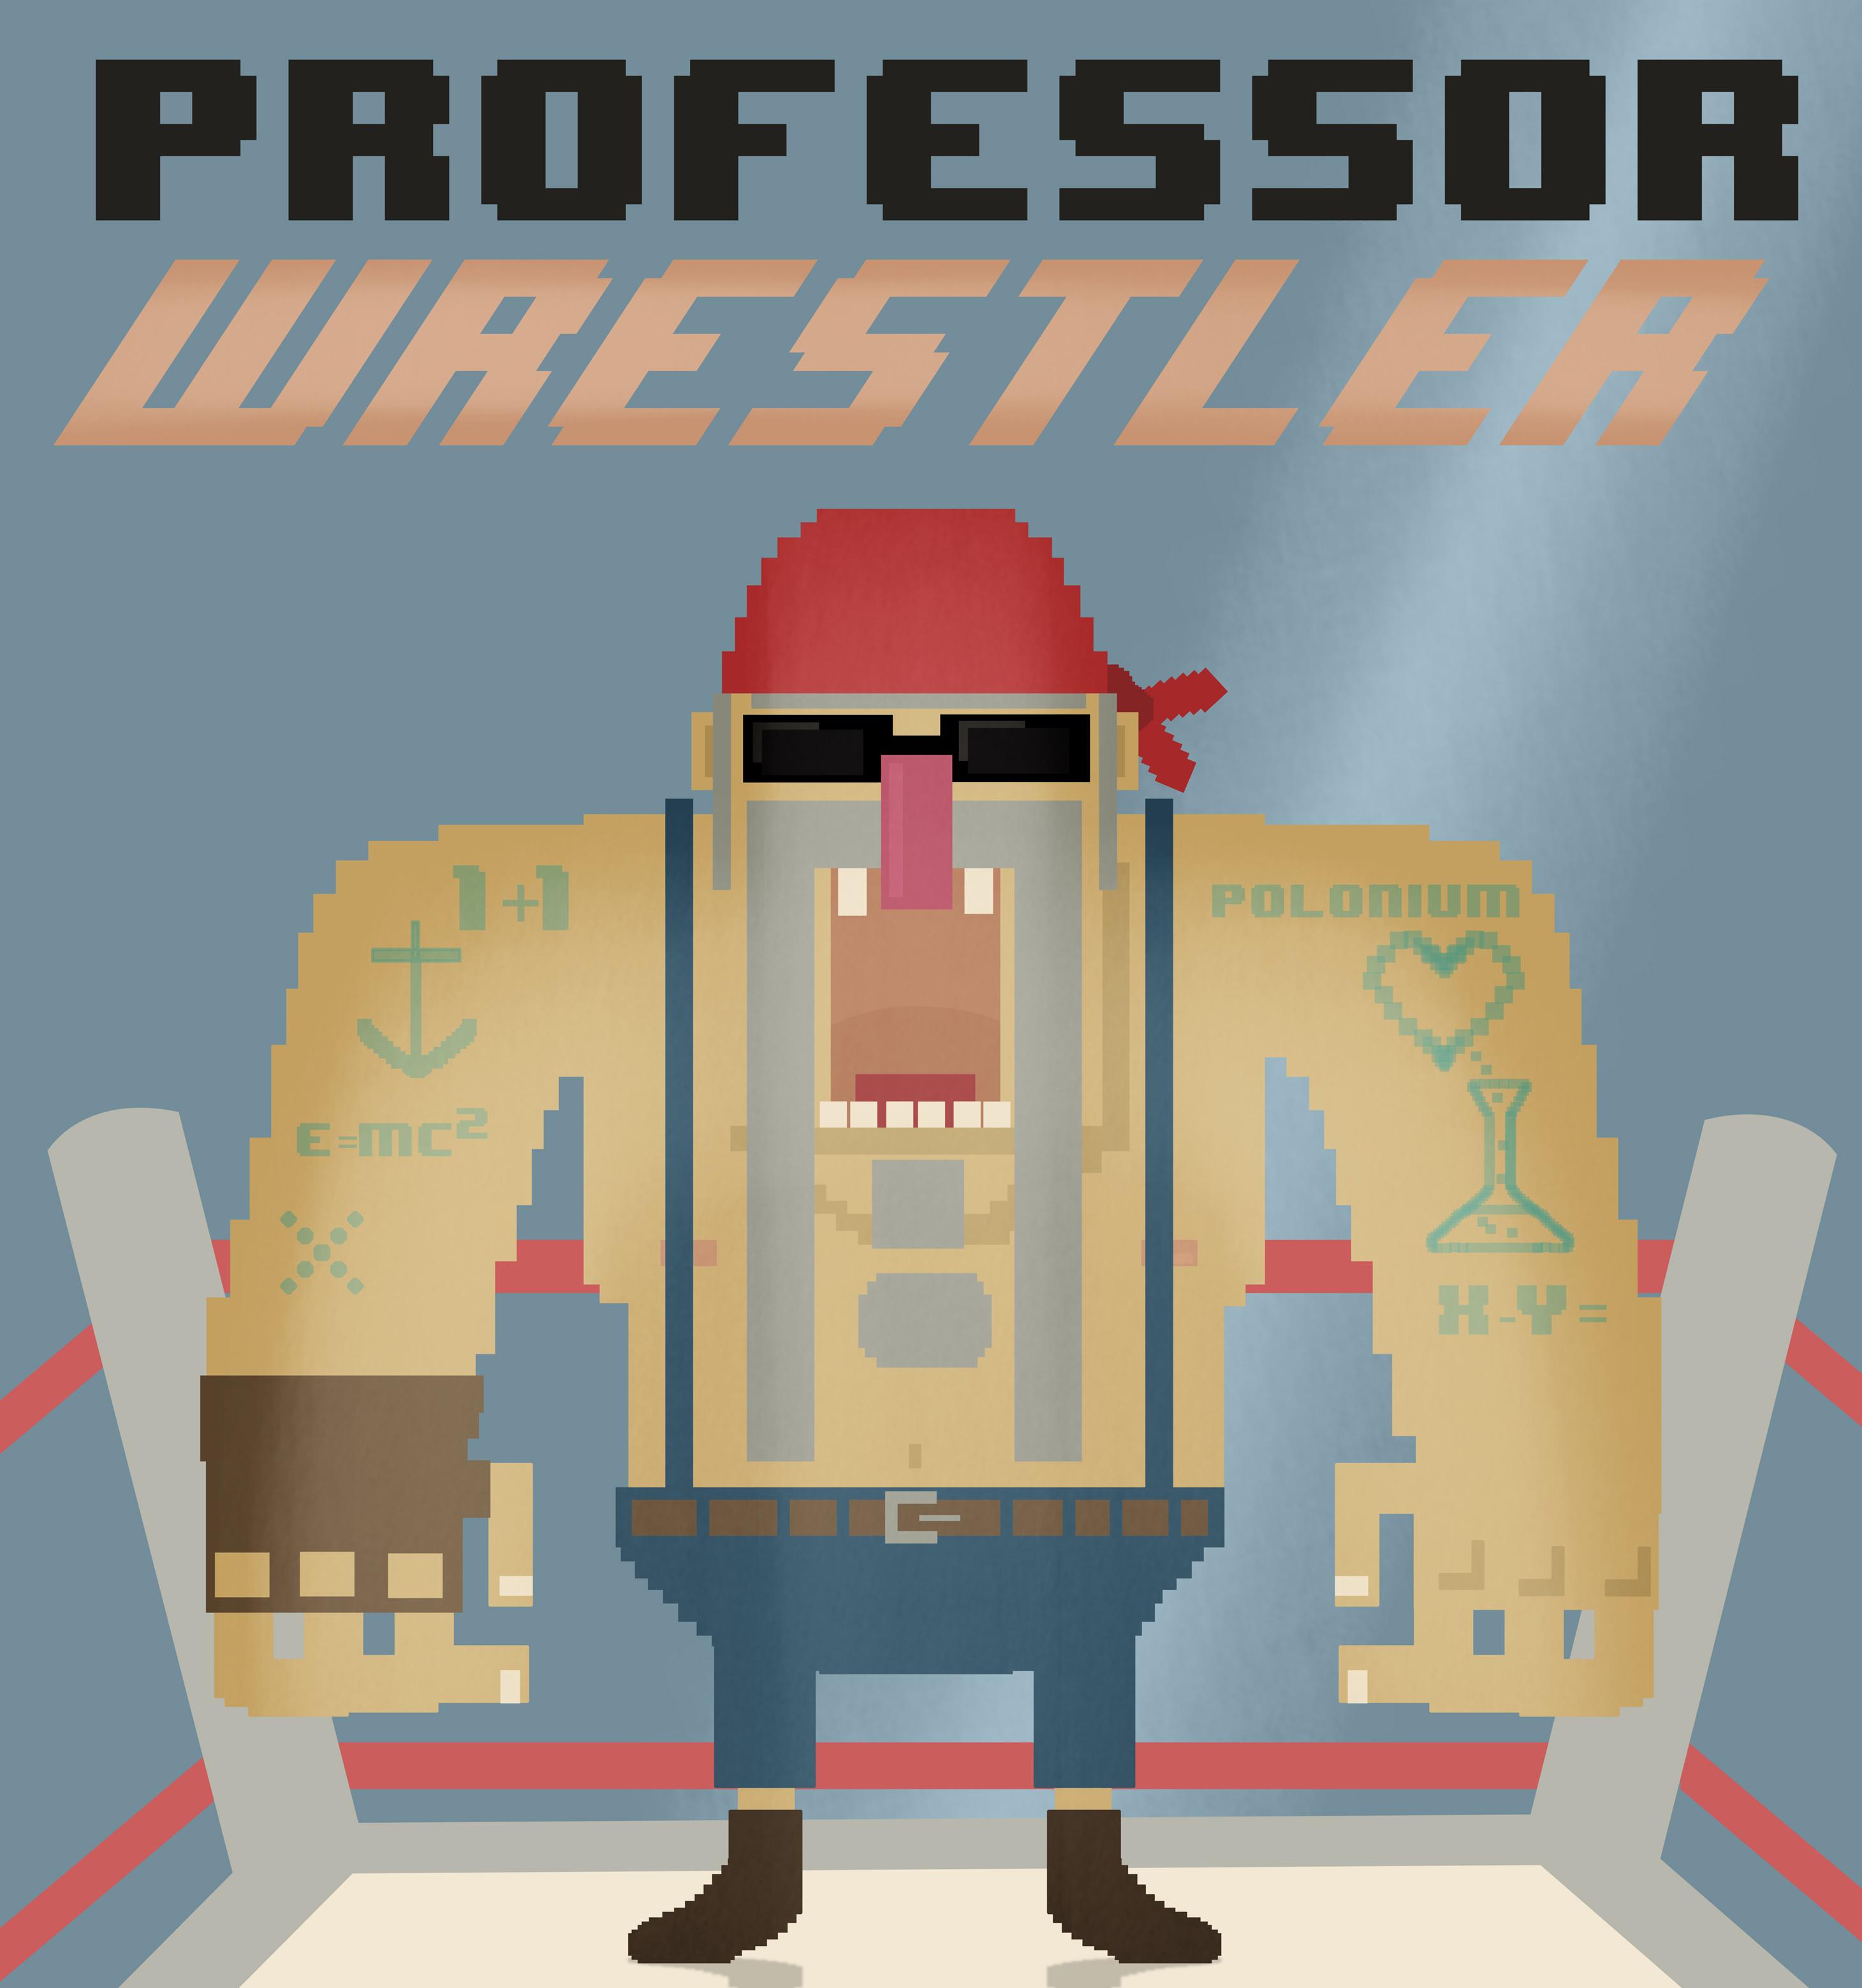 Professor Wrestler